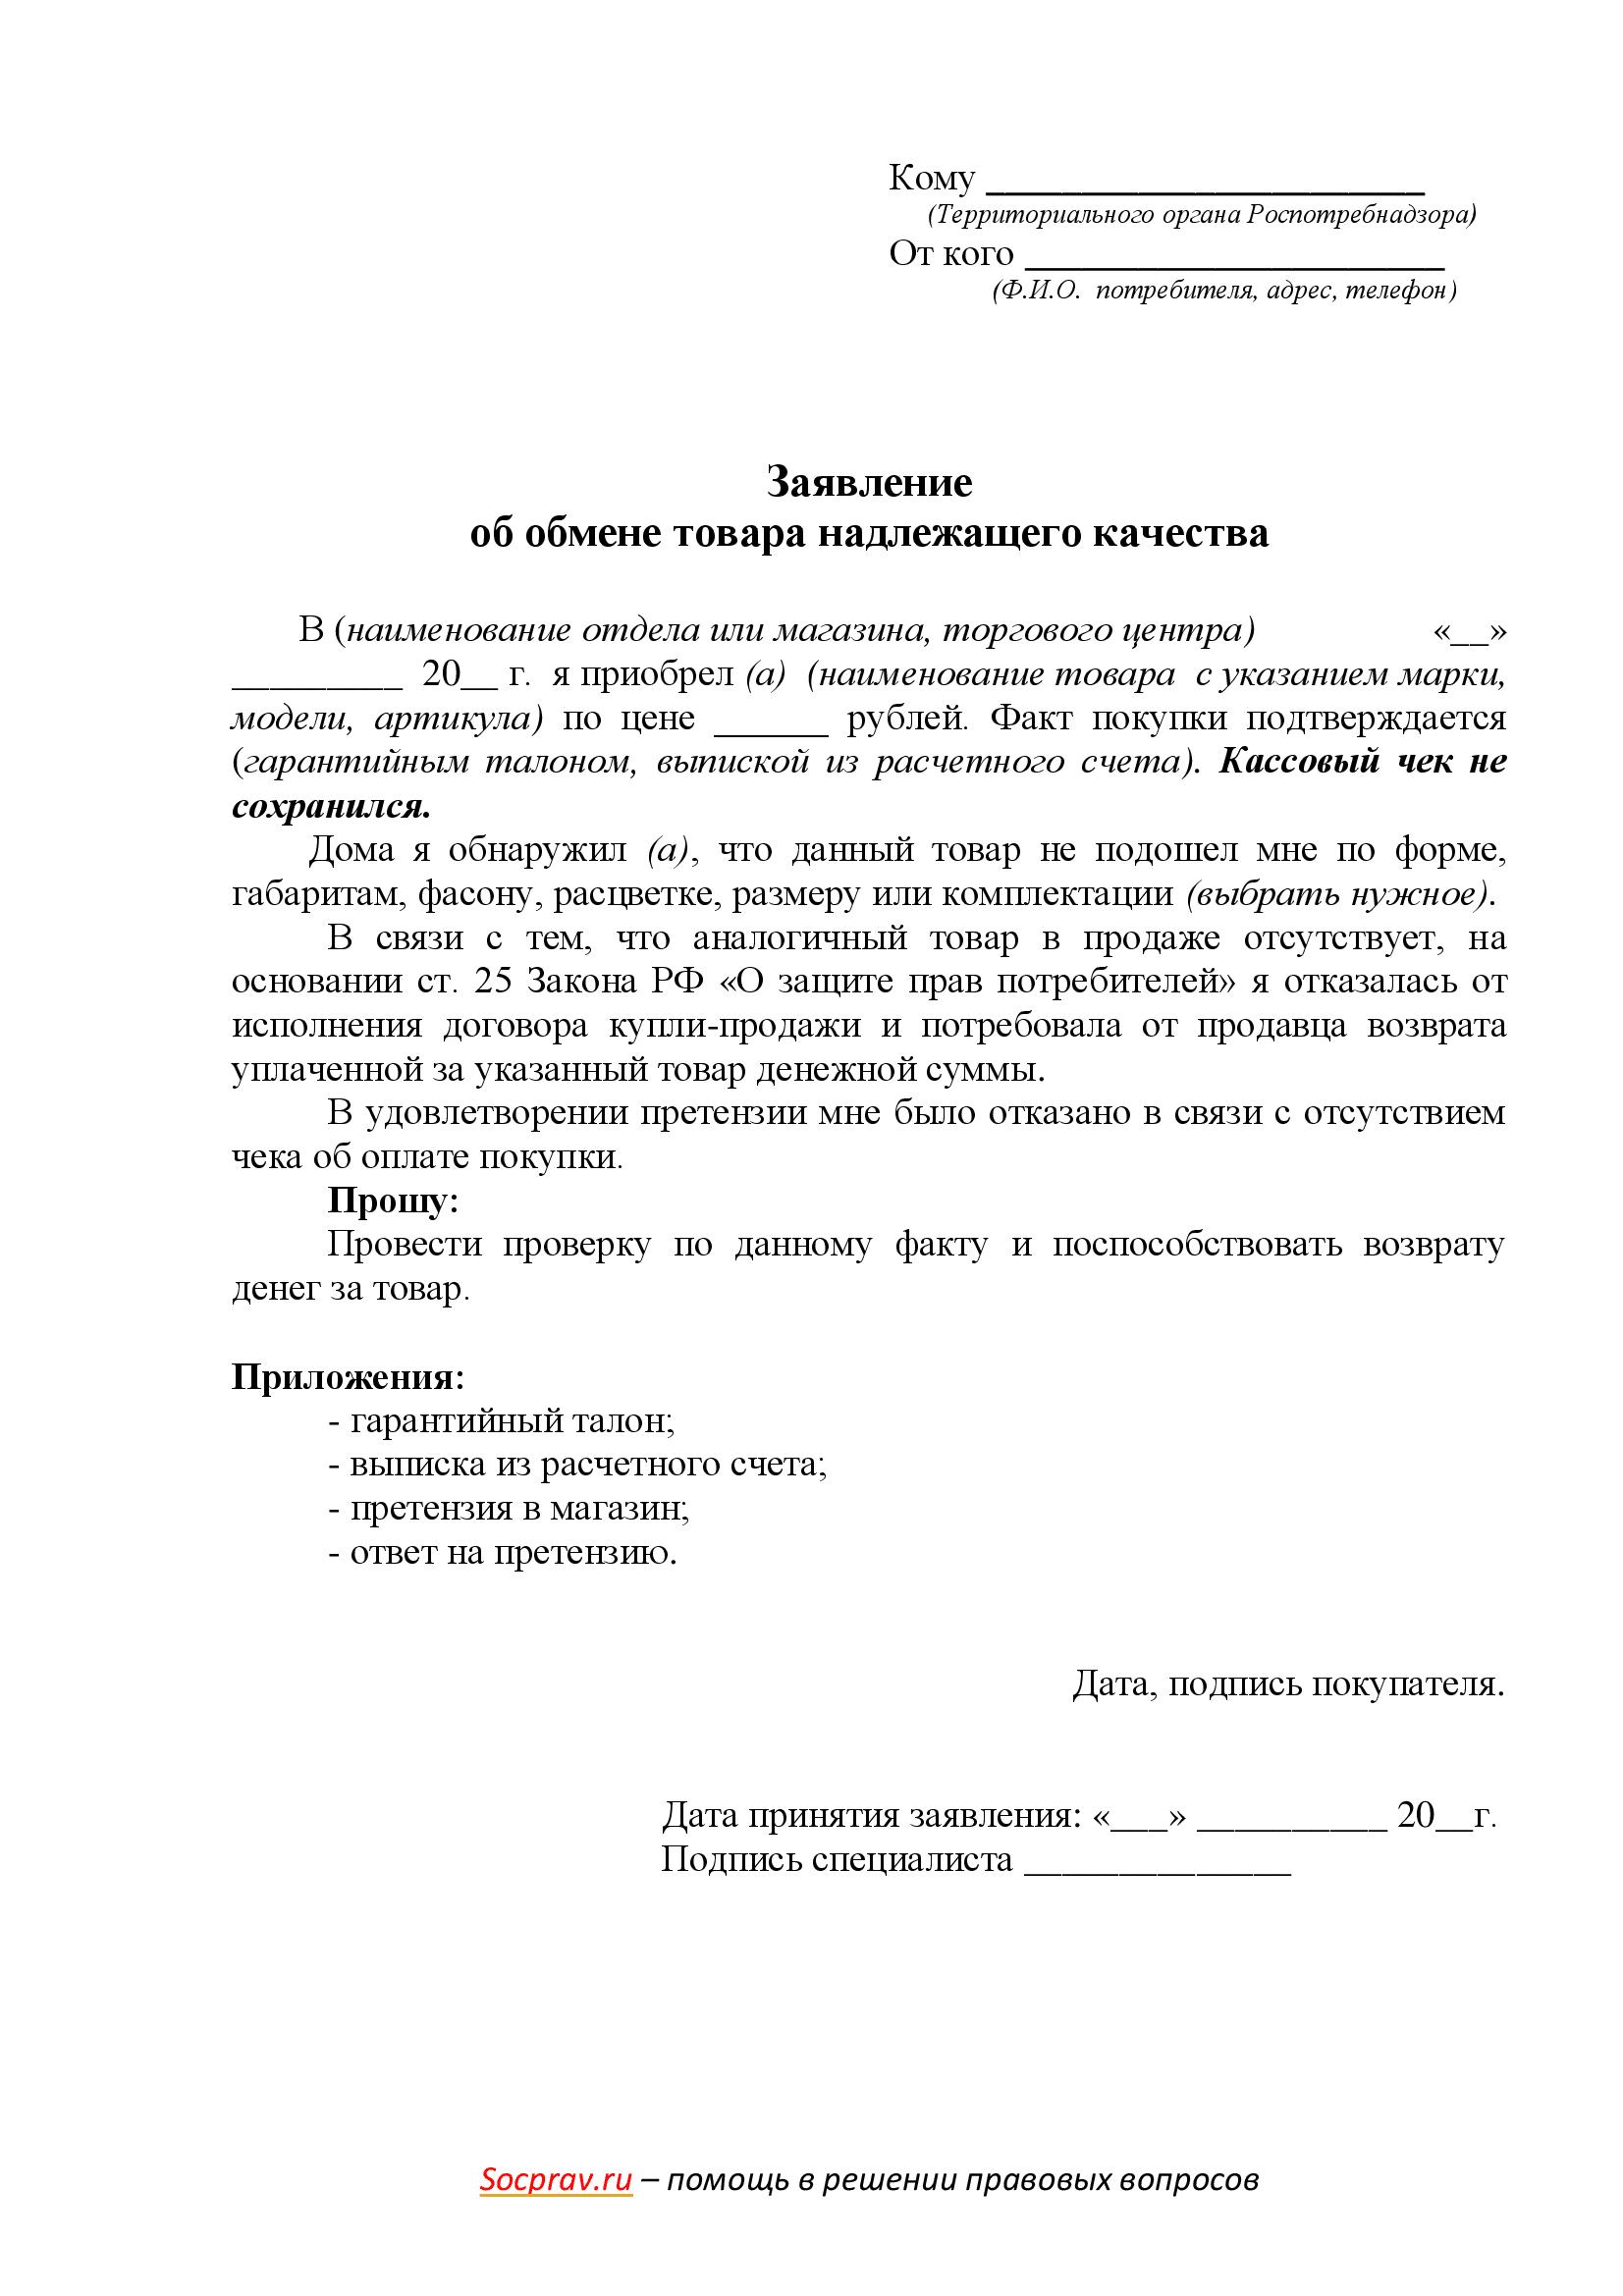 Заявление в Роспотребнадзор об обмене товара надлежащего качества (жалоба)